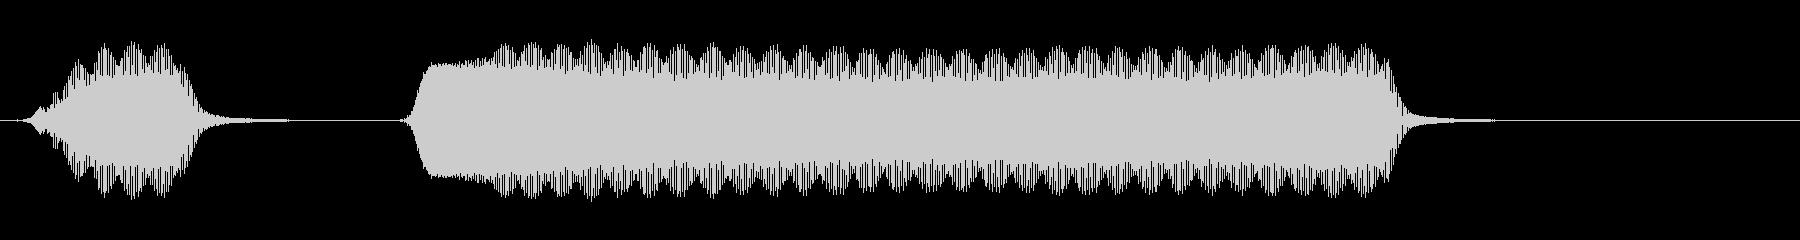 プップー、ポッポーの未再生の波形